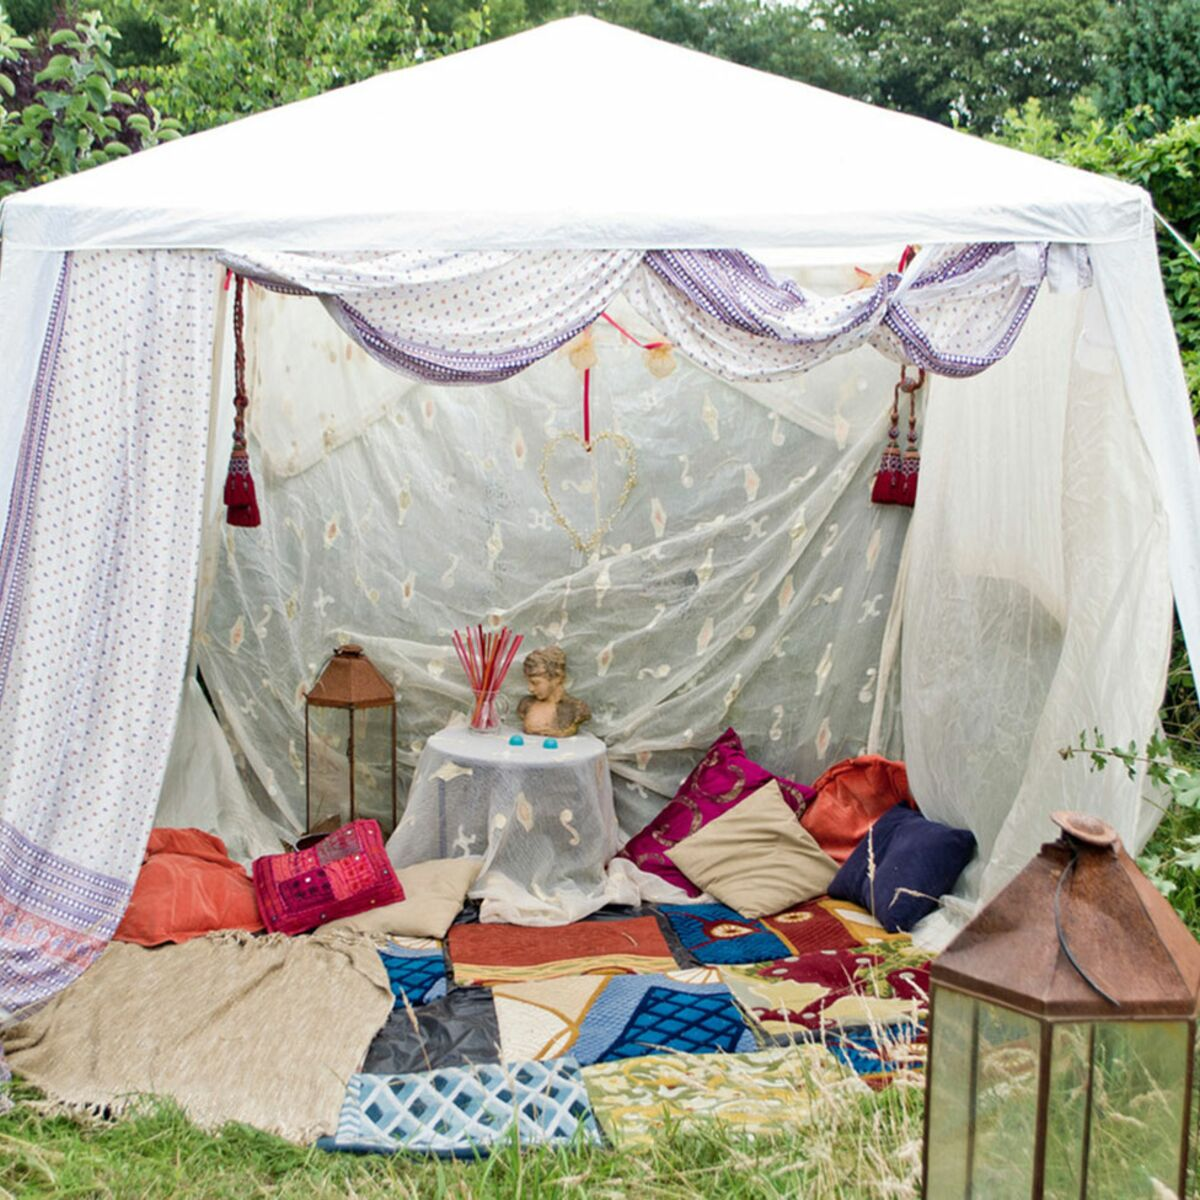 Construire Un Foyer Extérieur 10 coins chilling pour faire la sieste au jardin : femme